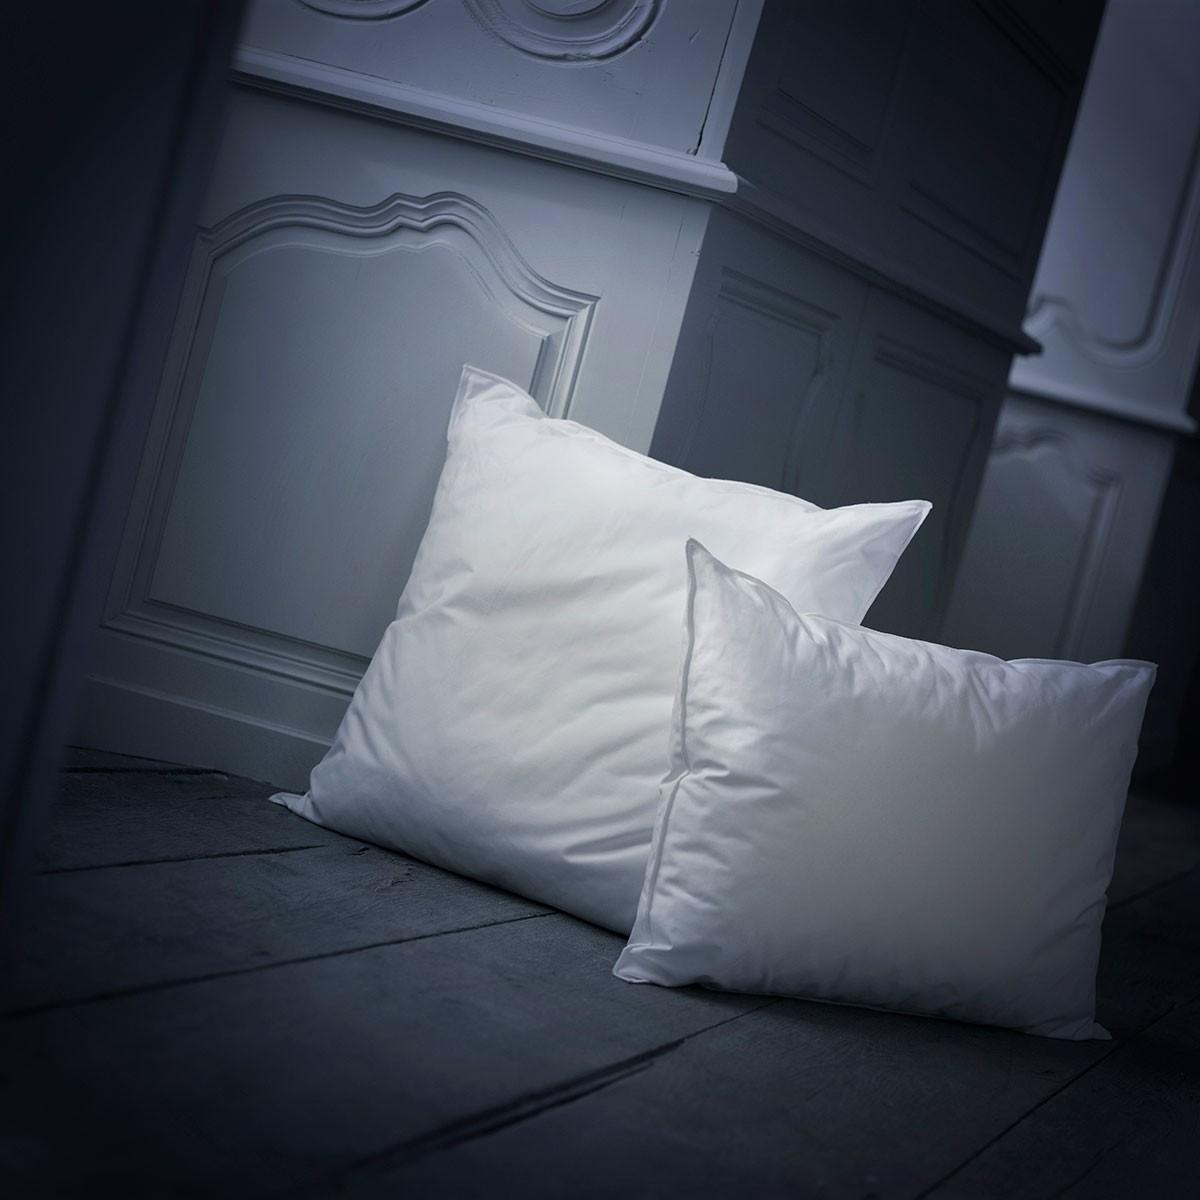 oreiller ferme mousse allure dumas paris. Black Bedroom Furniture Sets. Home Design Ideas